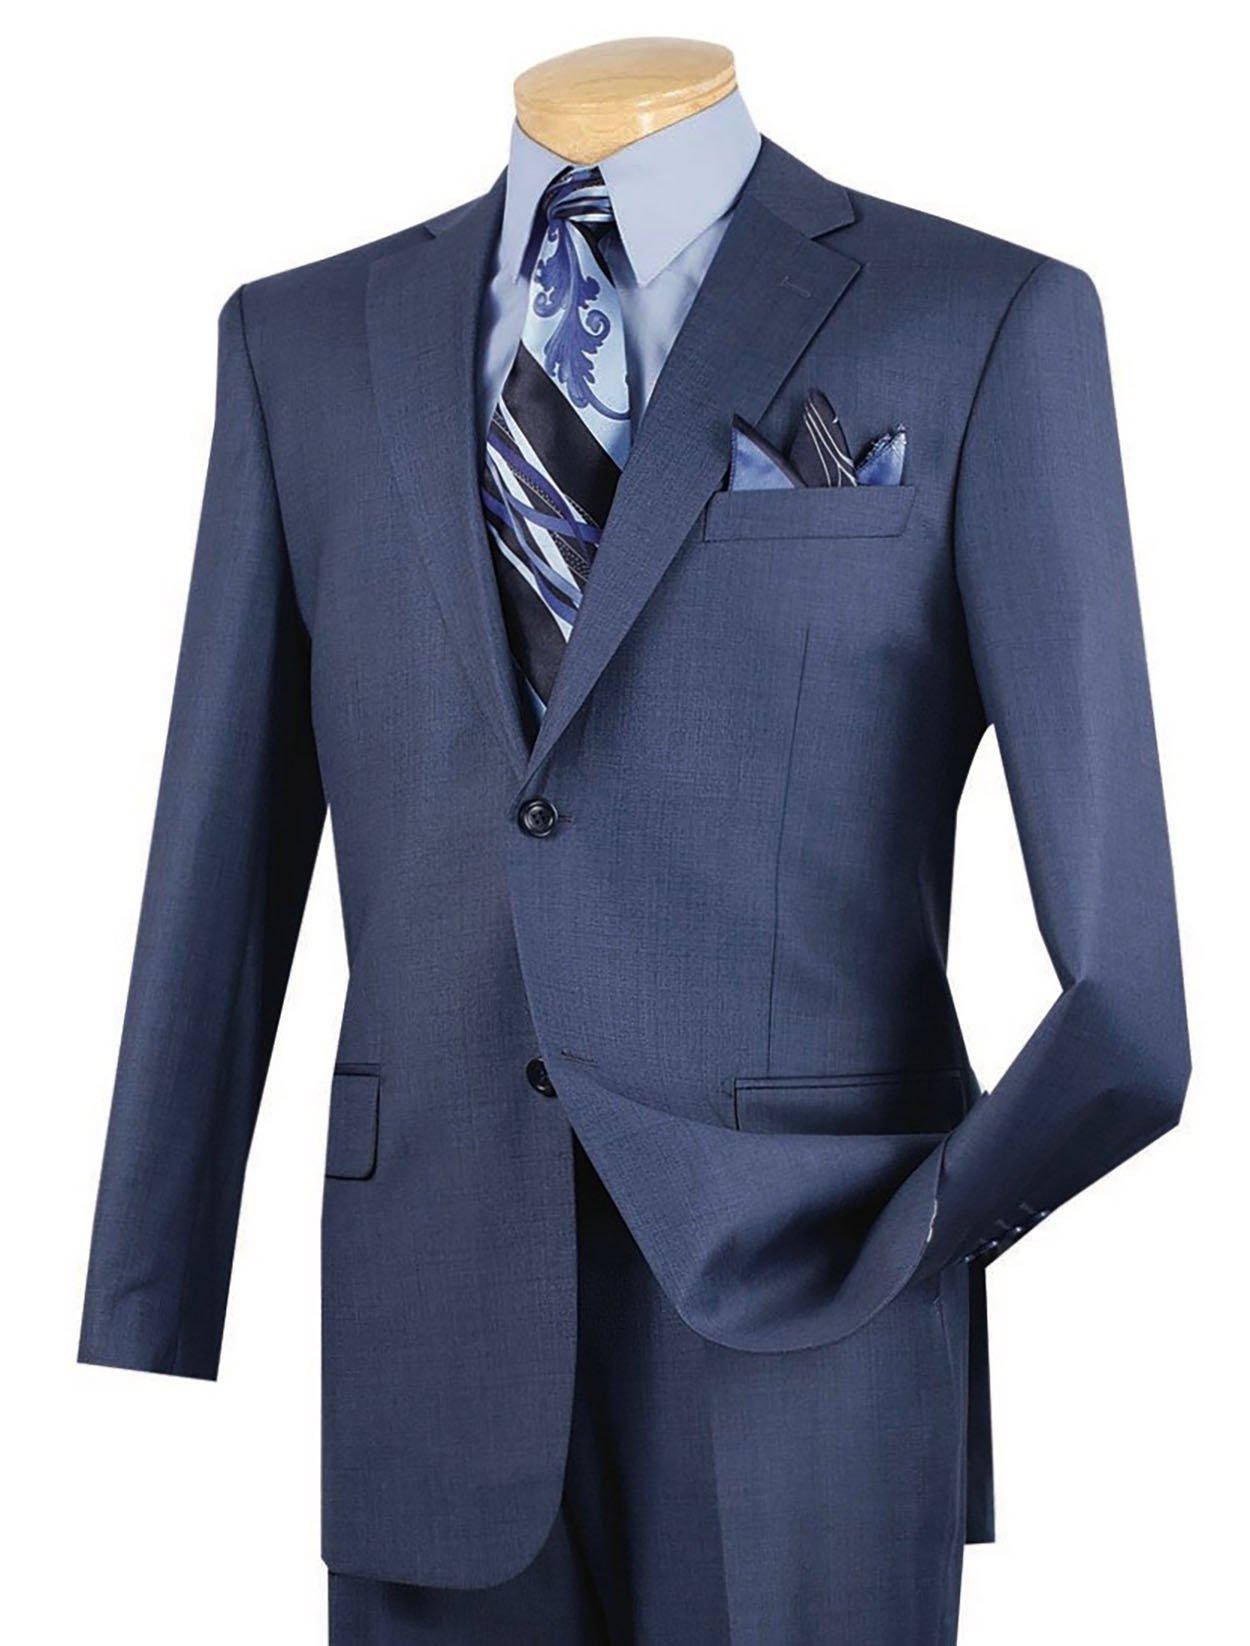 VINCI Men's Textured Weave 2 Button Classic-Fit Suit New [Color Blue | Size: 46 Regular/40 Waist]